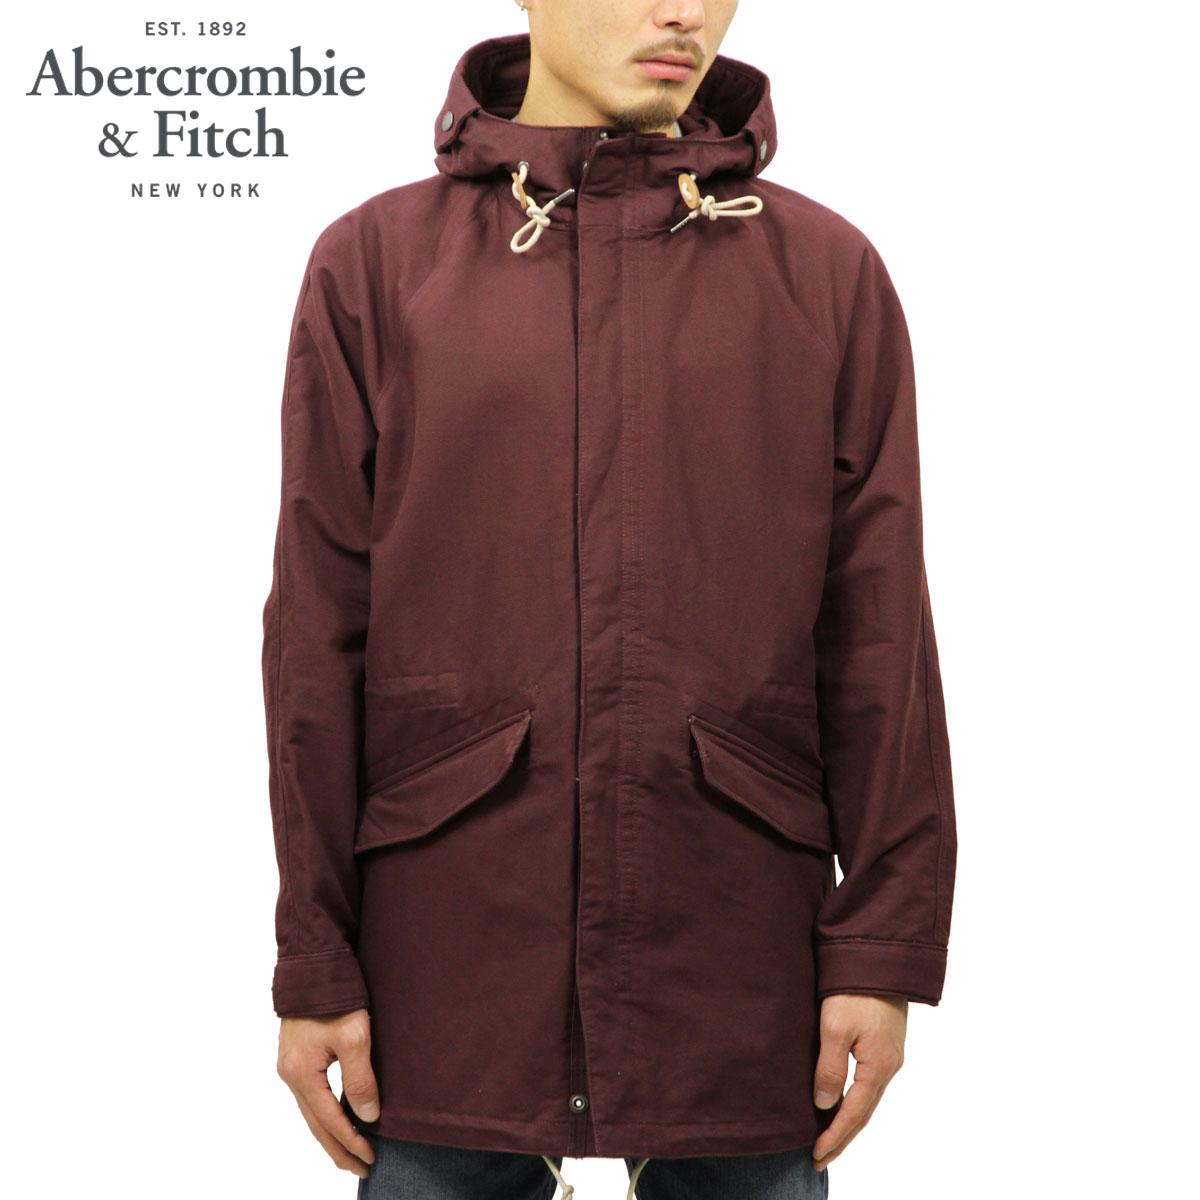 アバクロ Abercrombie&Fitch 正規品 メンズ モッズコート LIGHTWEIGHT PARKA 132-328-1251-520